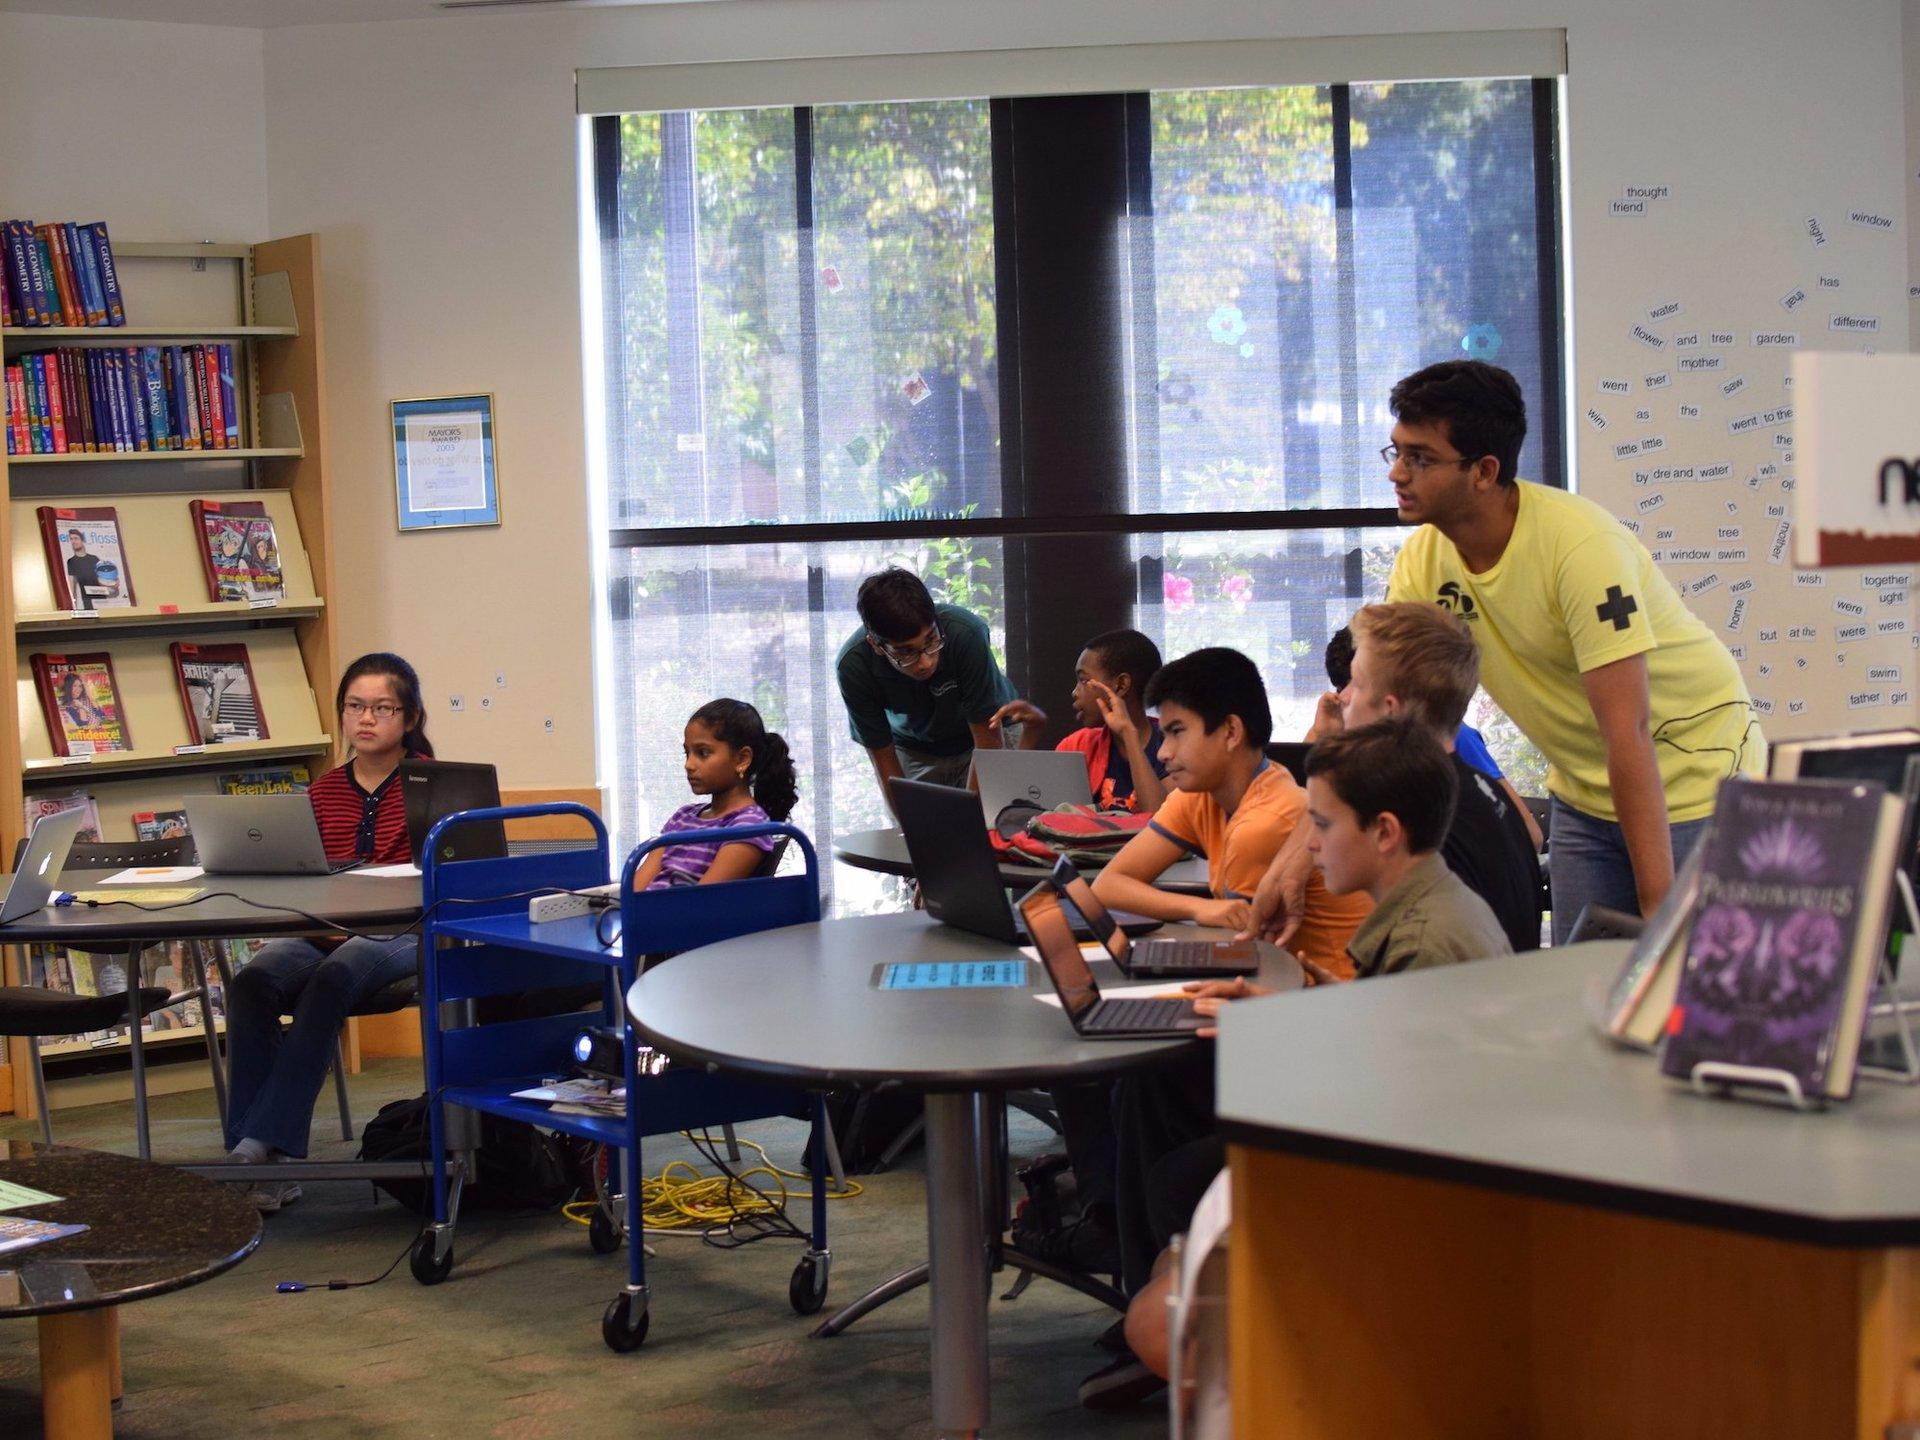 Дети обучаются программированию в библиотеке.